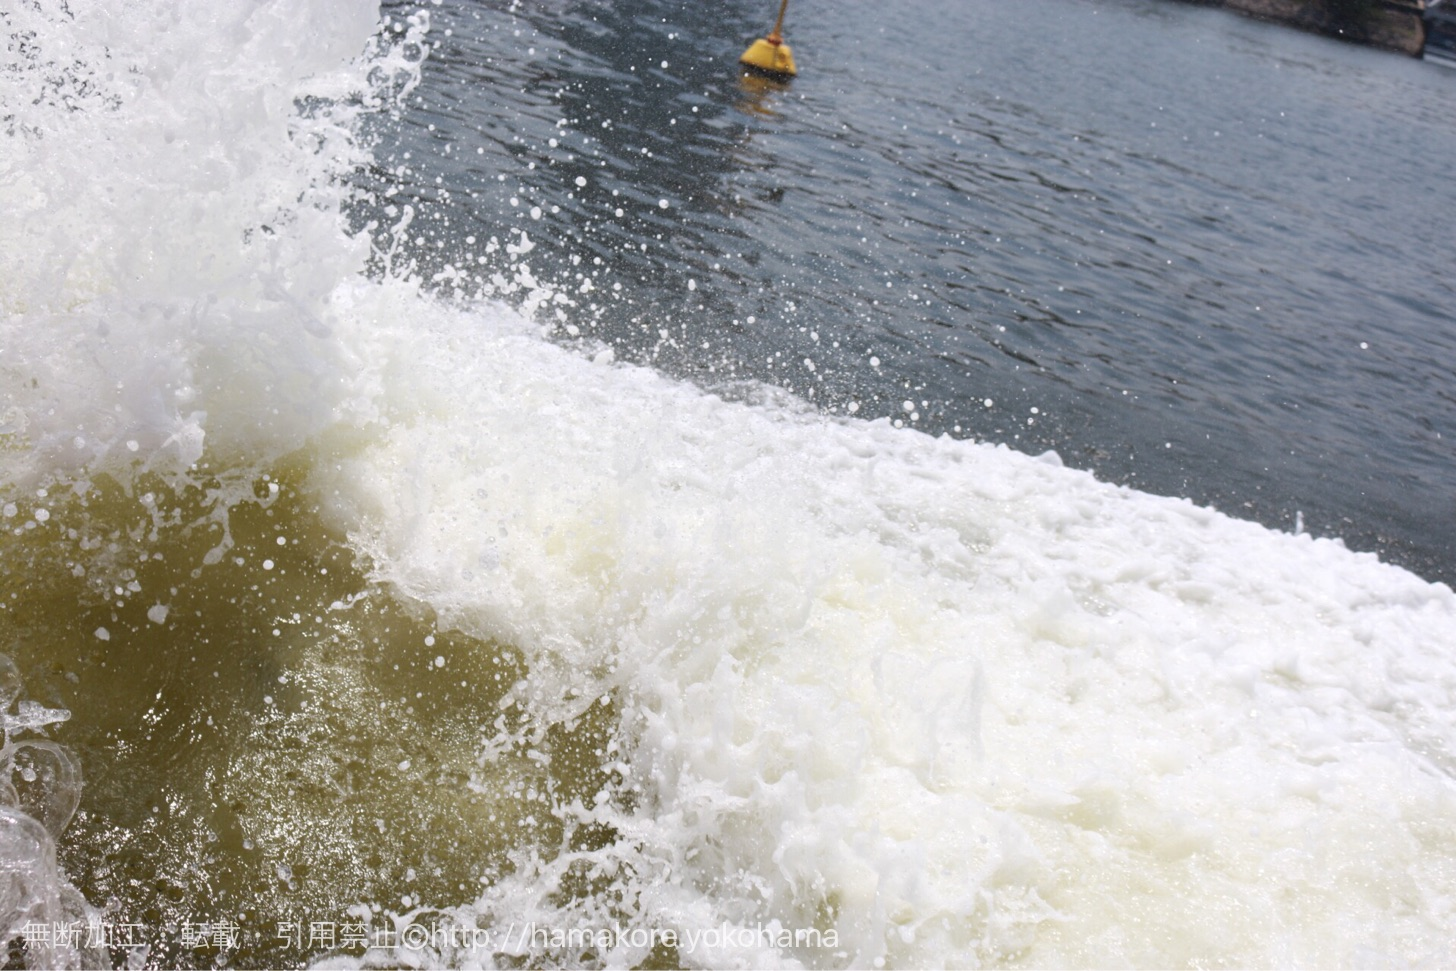 水陸両用バス「スカイダック」が海に飛び込んだときの水しぶきの様子